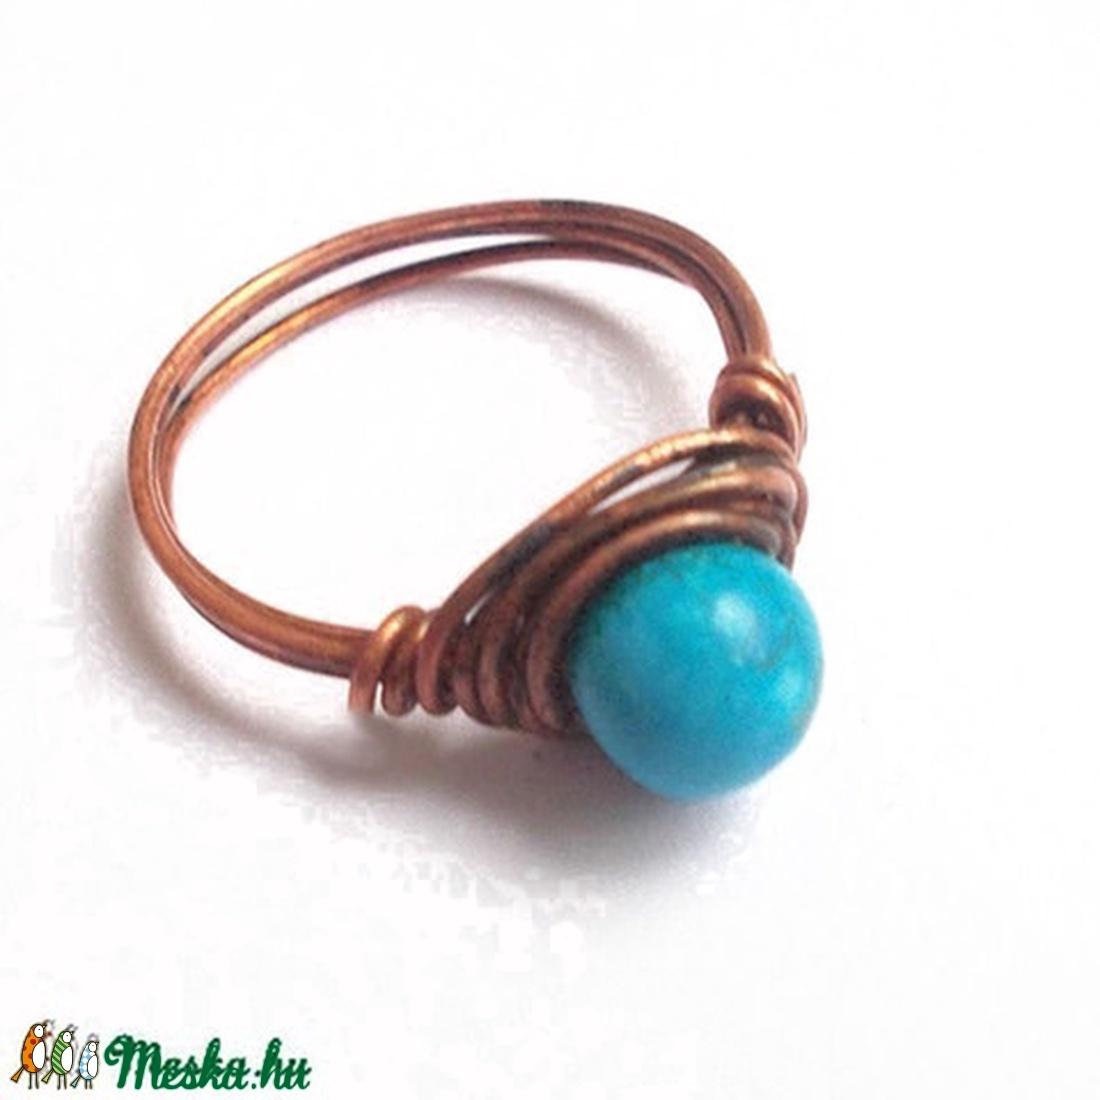 Türkinit és vörös réz gyűrű (colorosa) - Meska.hu 5abb91c115